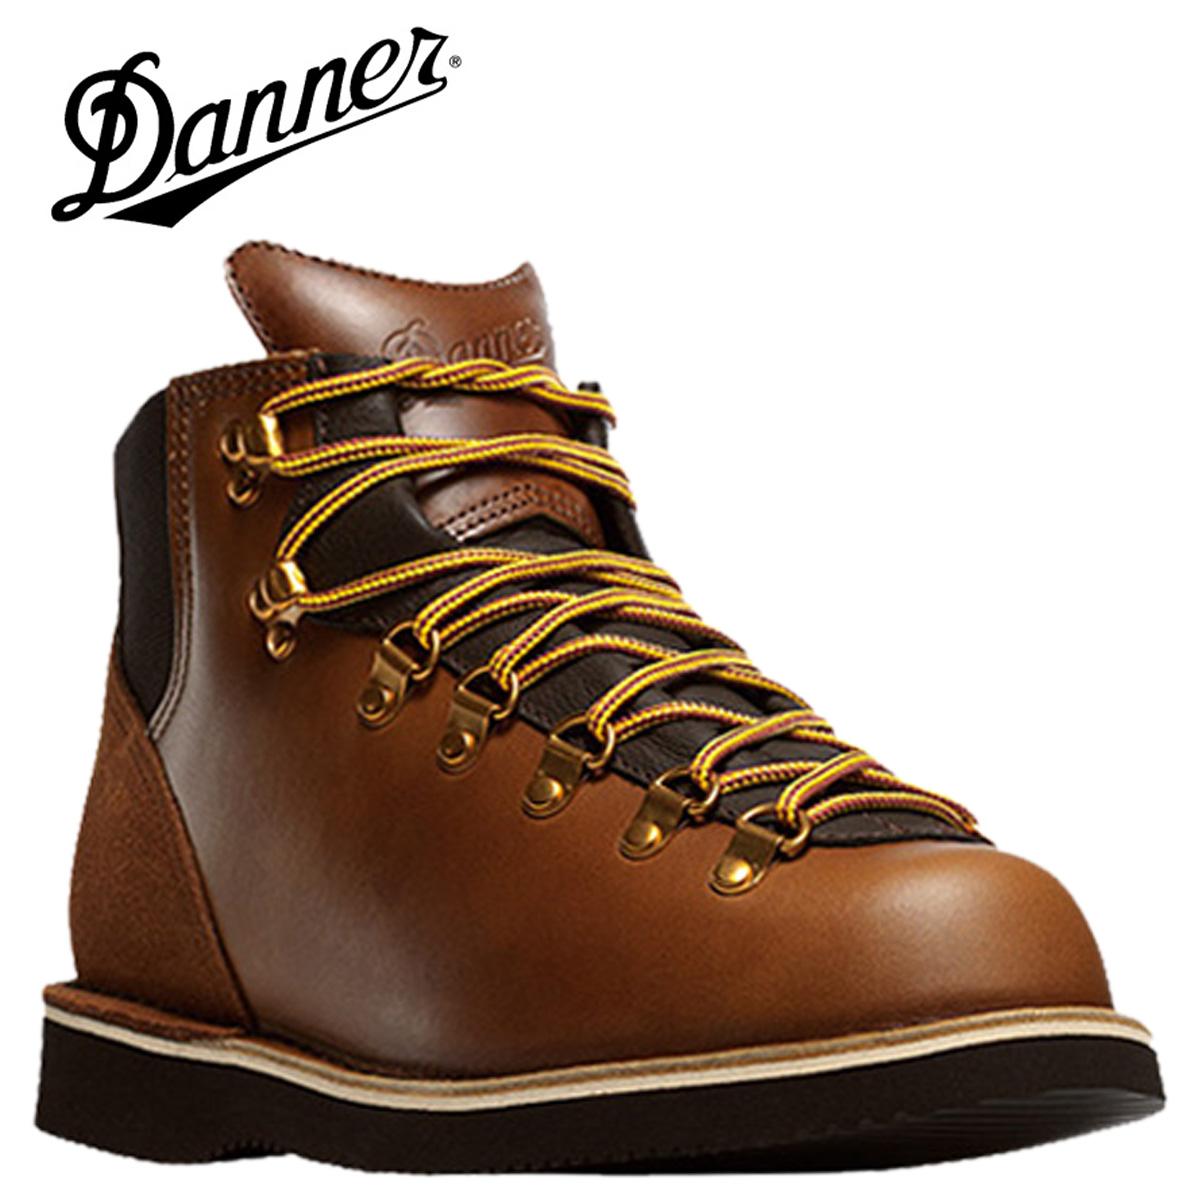 ALLSPORTS | Rakuten Global Market: Danner Danner Vertigo 1845 ...